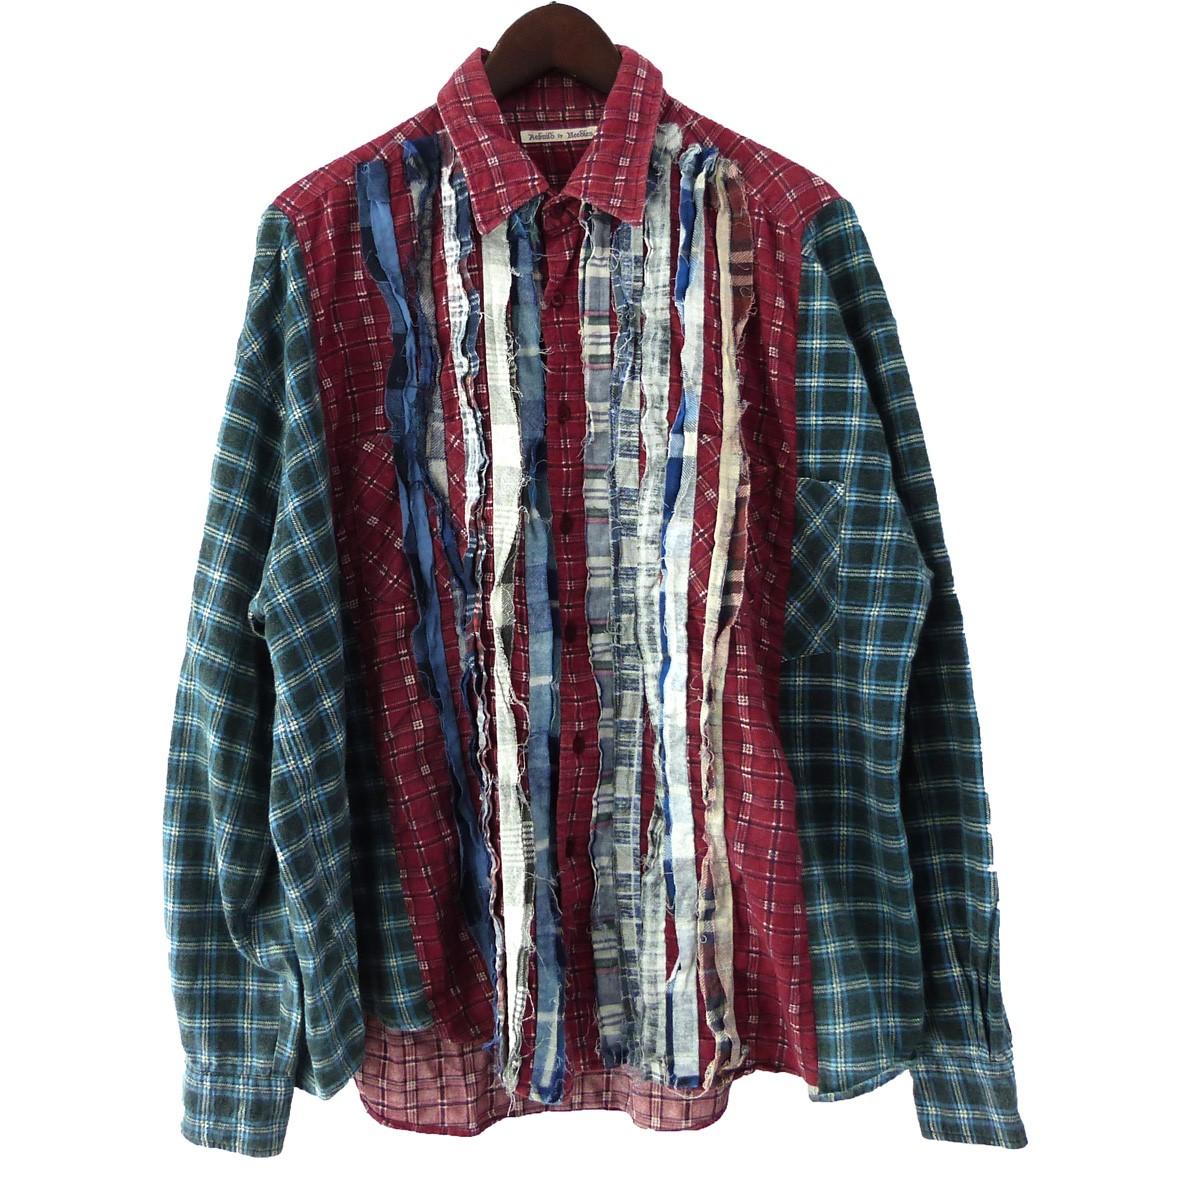 【中古】Rebuild by Needles 「Flannel Shirt- Ribbon Shirt」フランネルリボンシャツ マルチカラー 【240320】(リビルド バイ ニードルス)